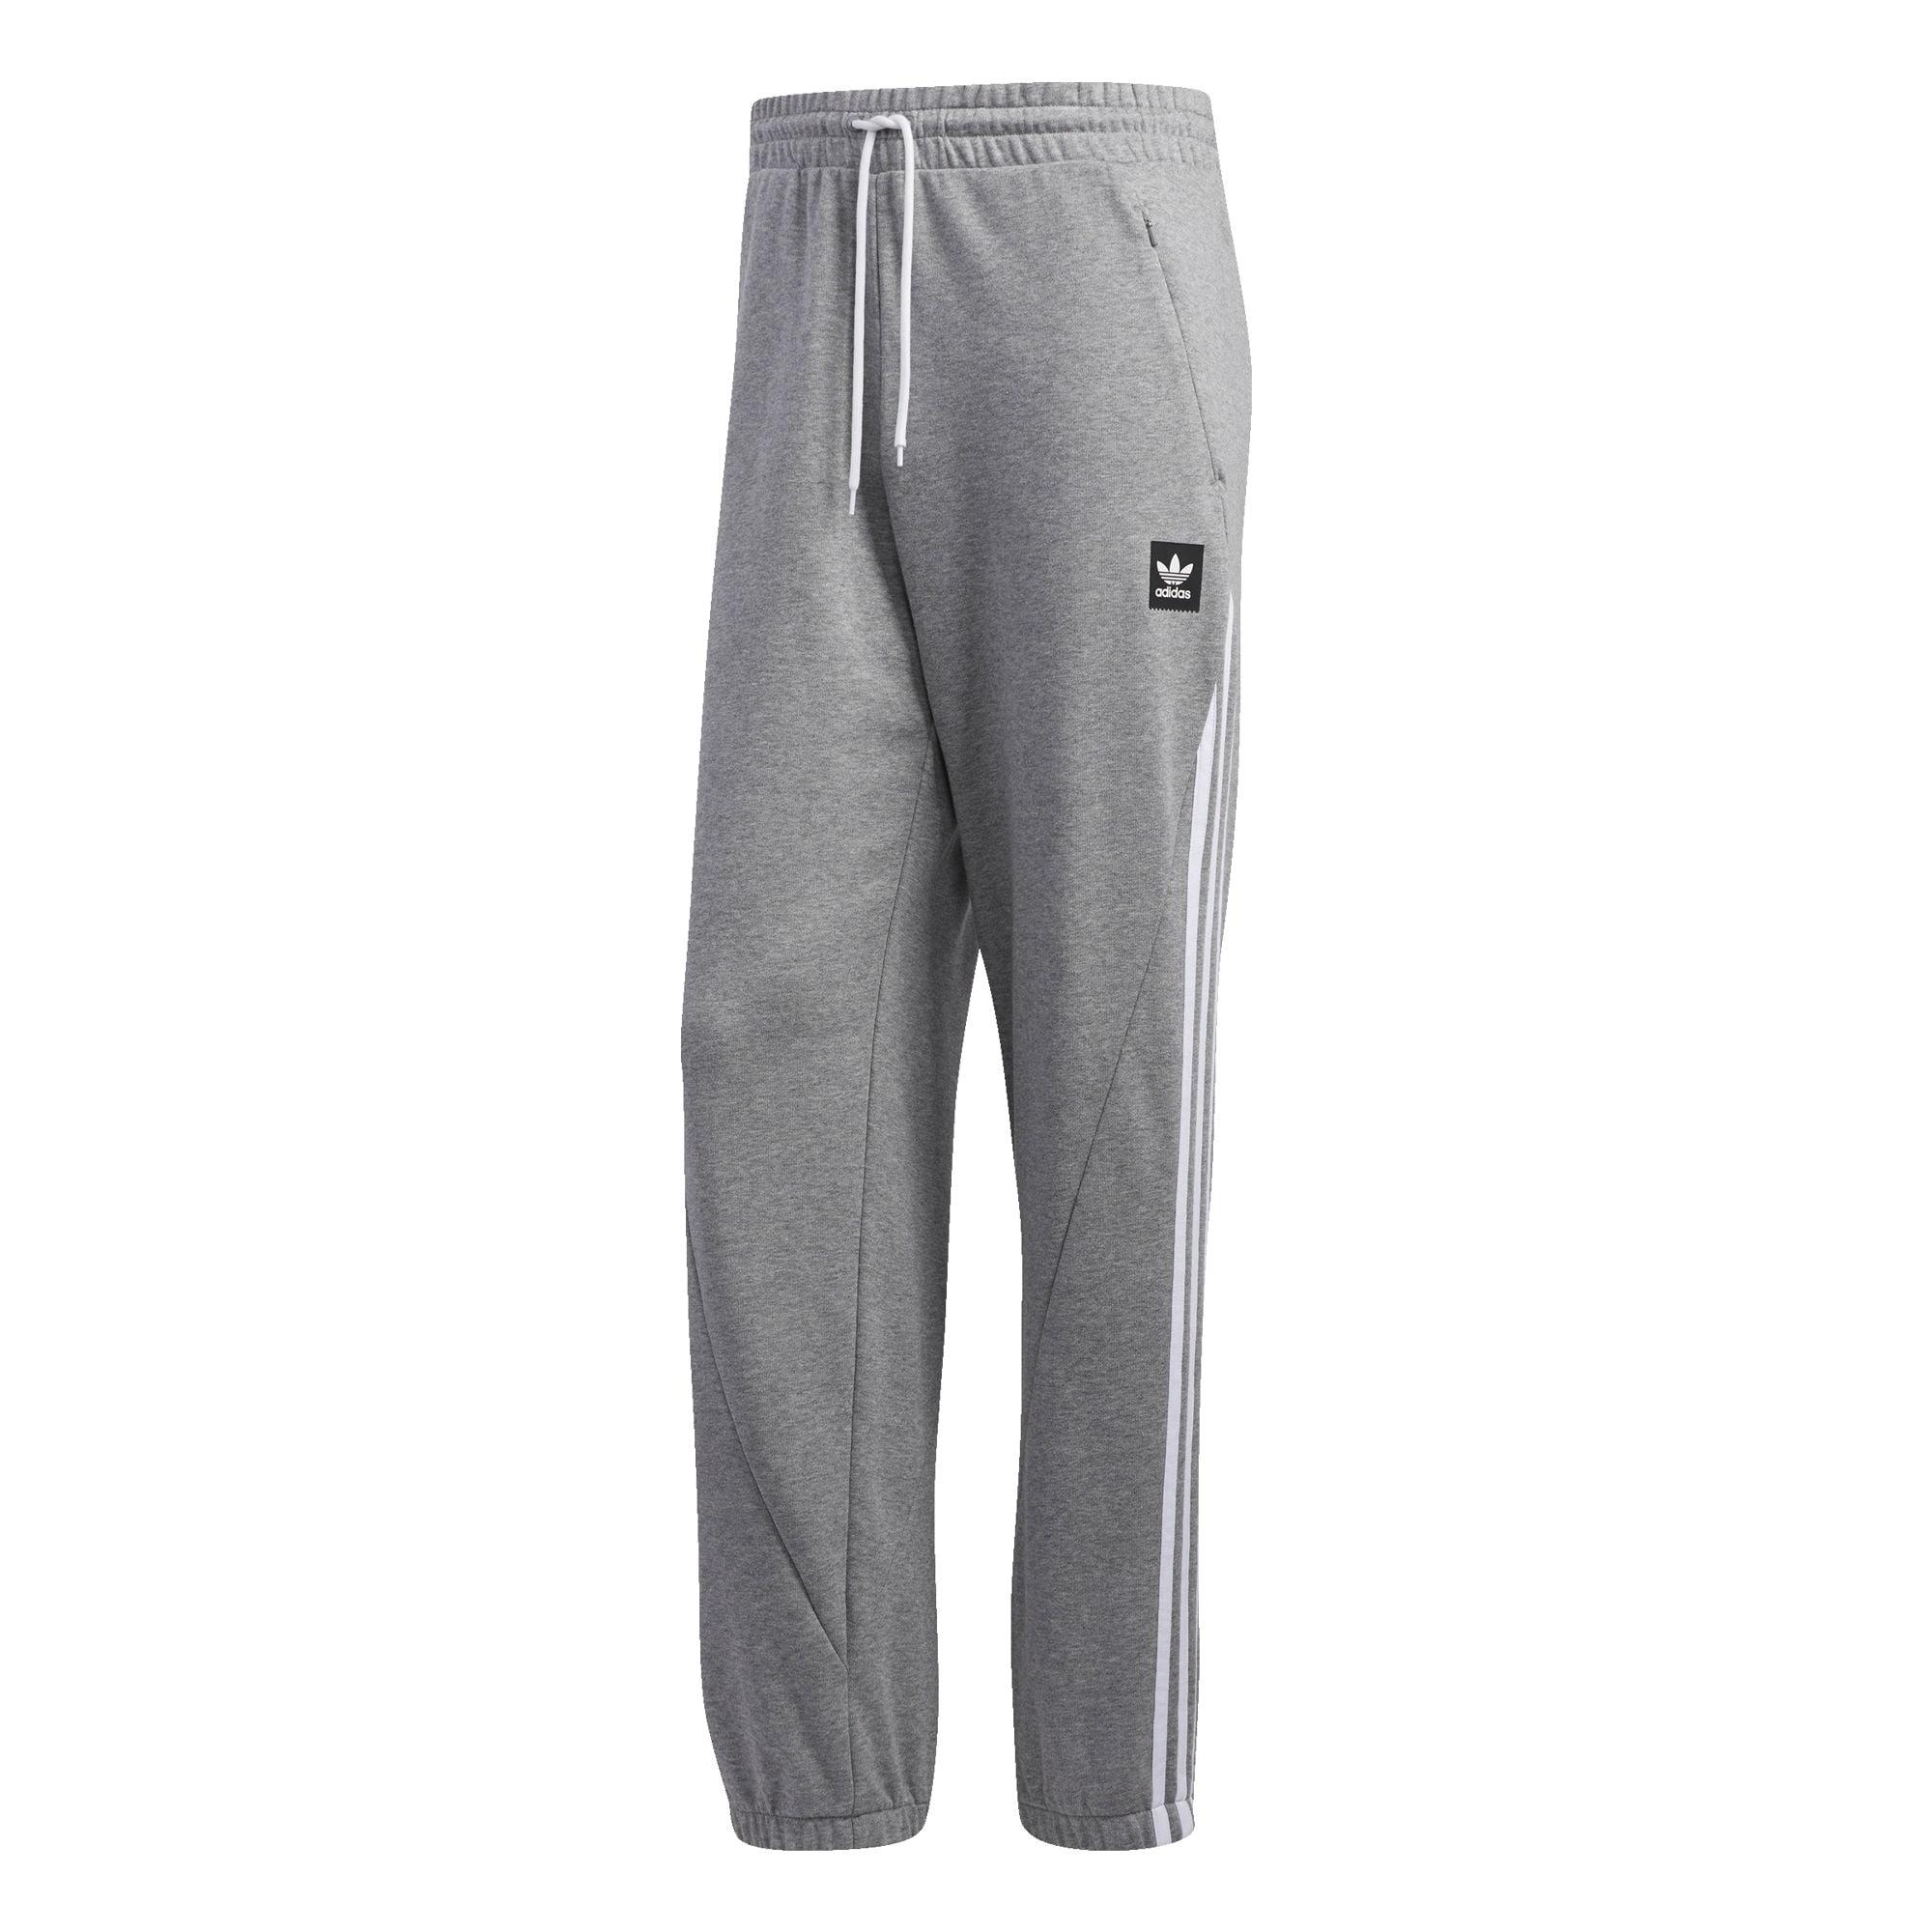 adidas Originals adicolor 3 Stripe Joggers In Grey CY4569 in